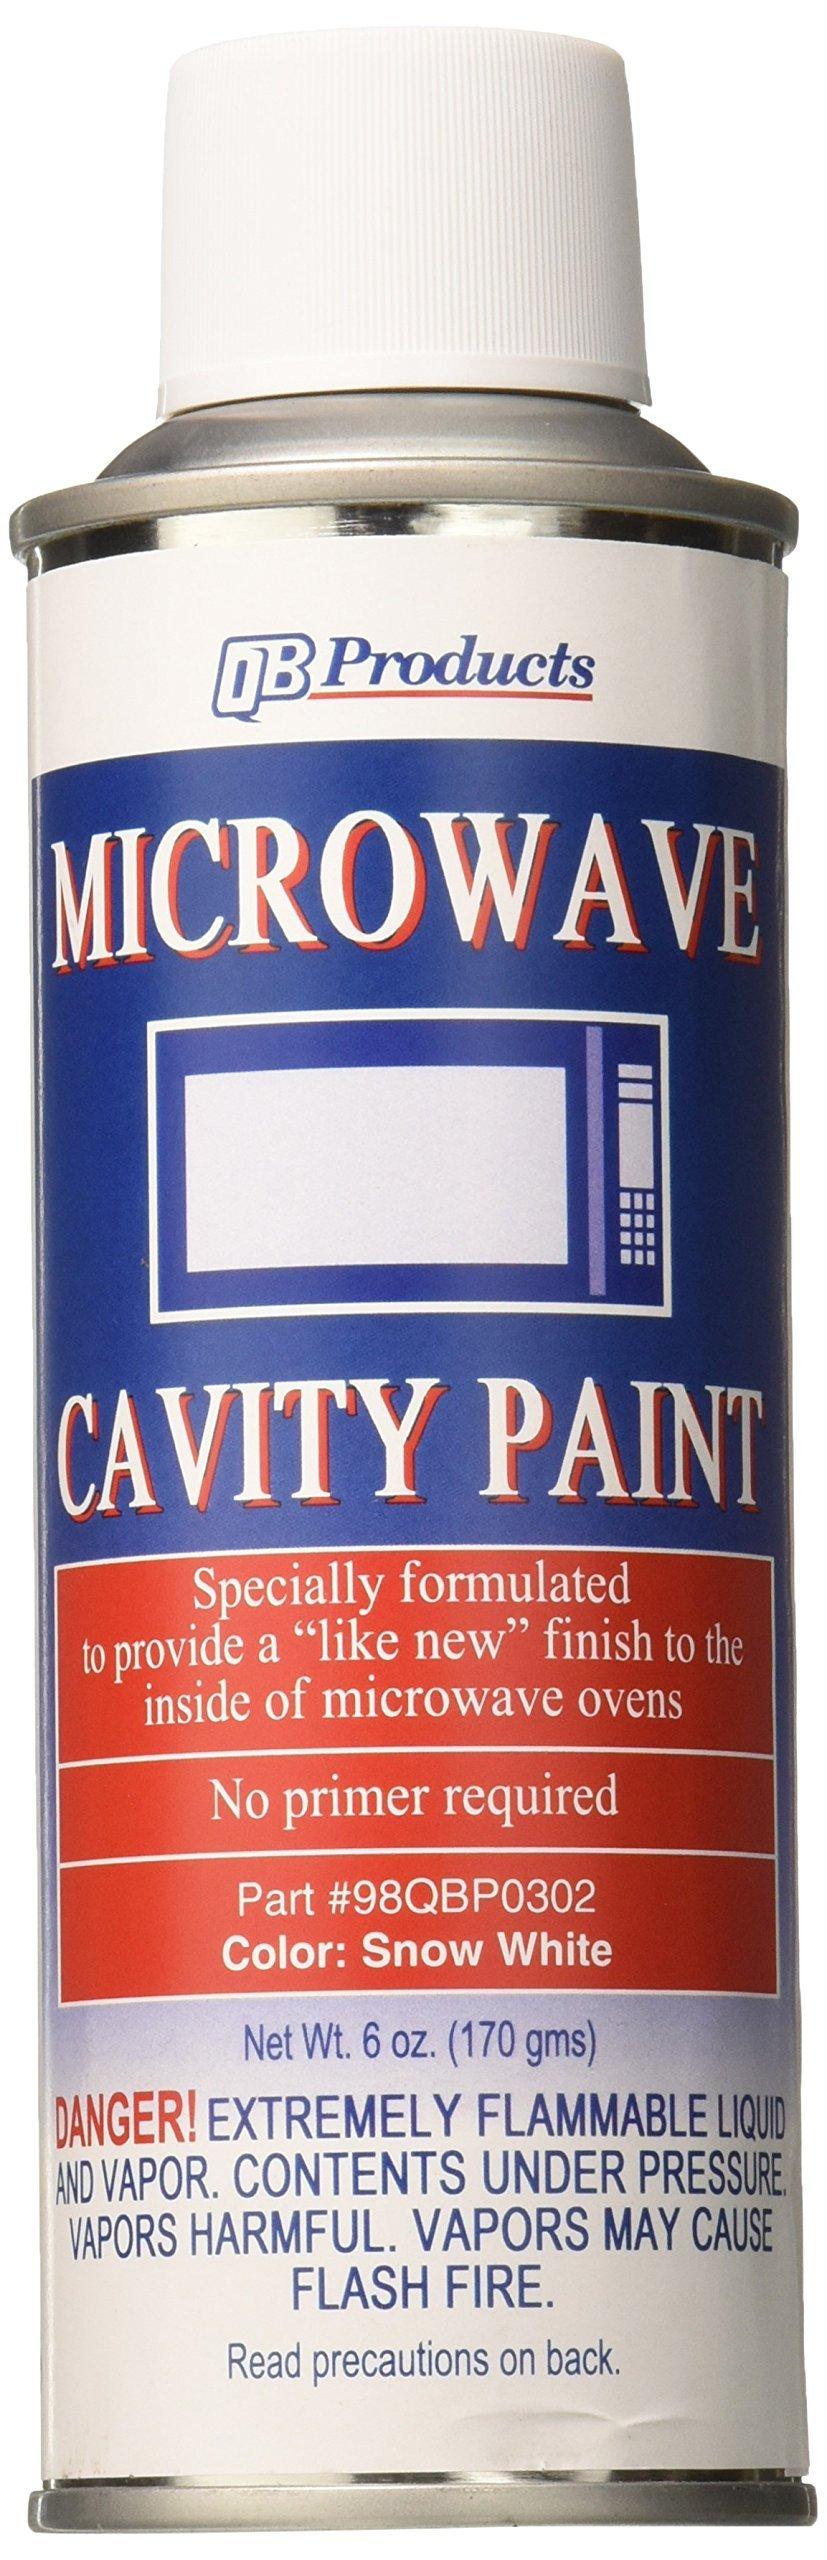 QB Products 98QBP0302 Microwave Cavity Paint, 6 oz, Snow White